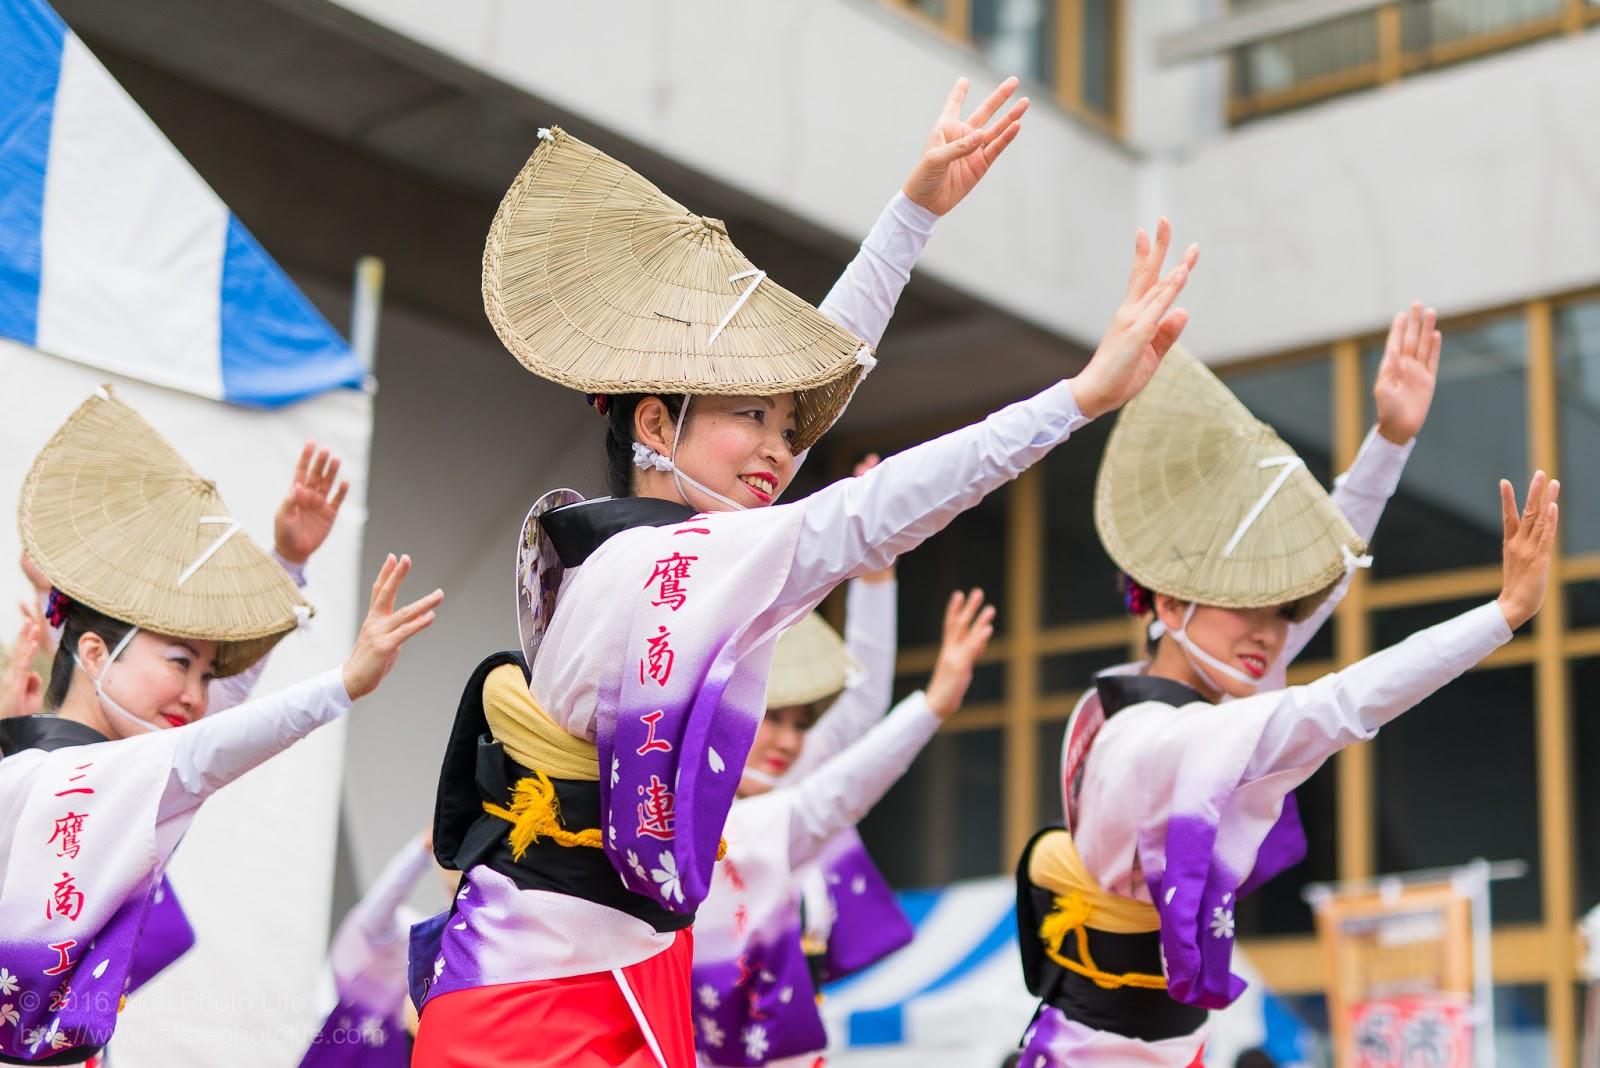 阿波踊り、三鷹商工連、三鷹商工連20周年記念感謝祭   Akai Photo Life